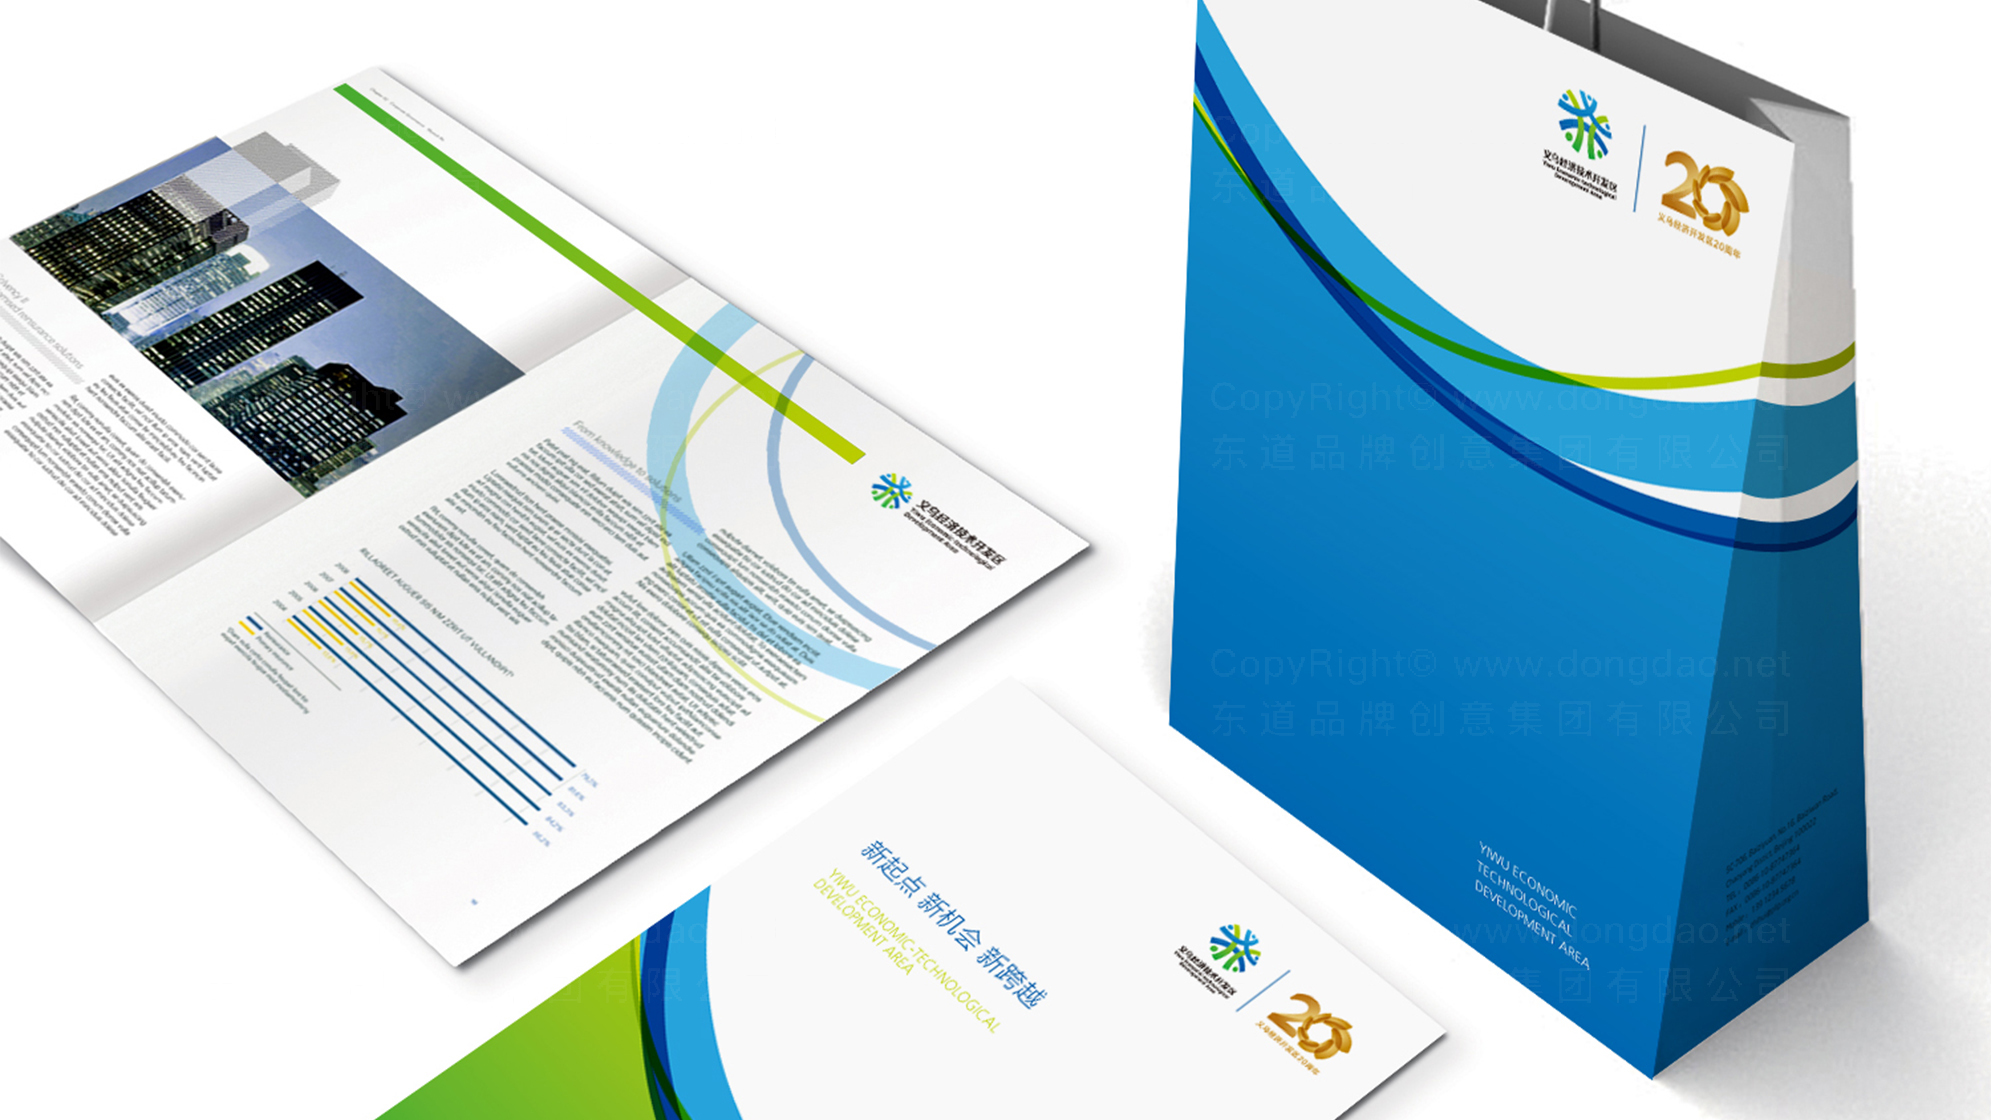 品牌设计义乌经济技术开发区LOGO&VI设计应用